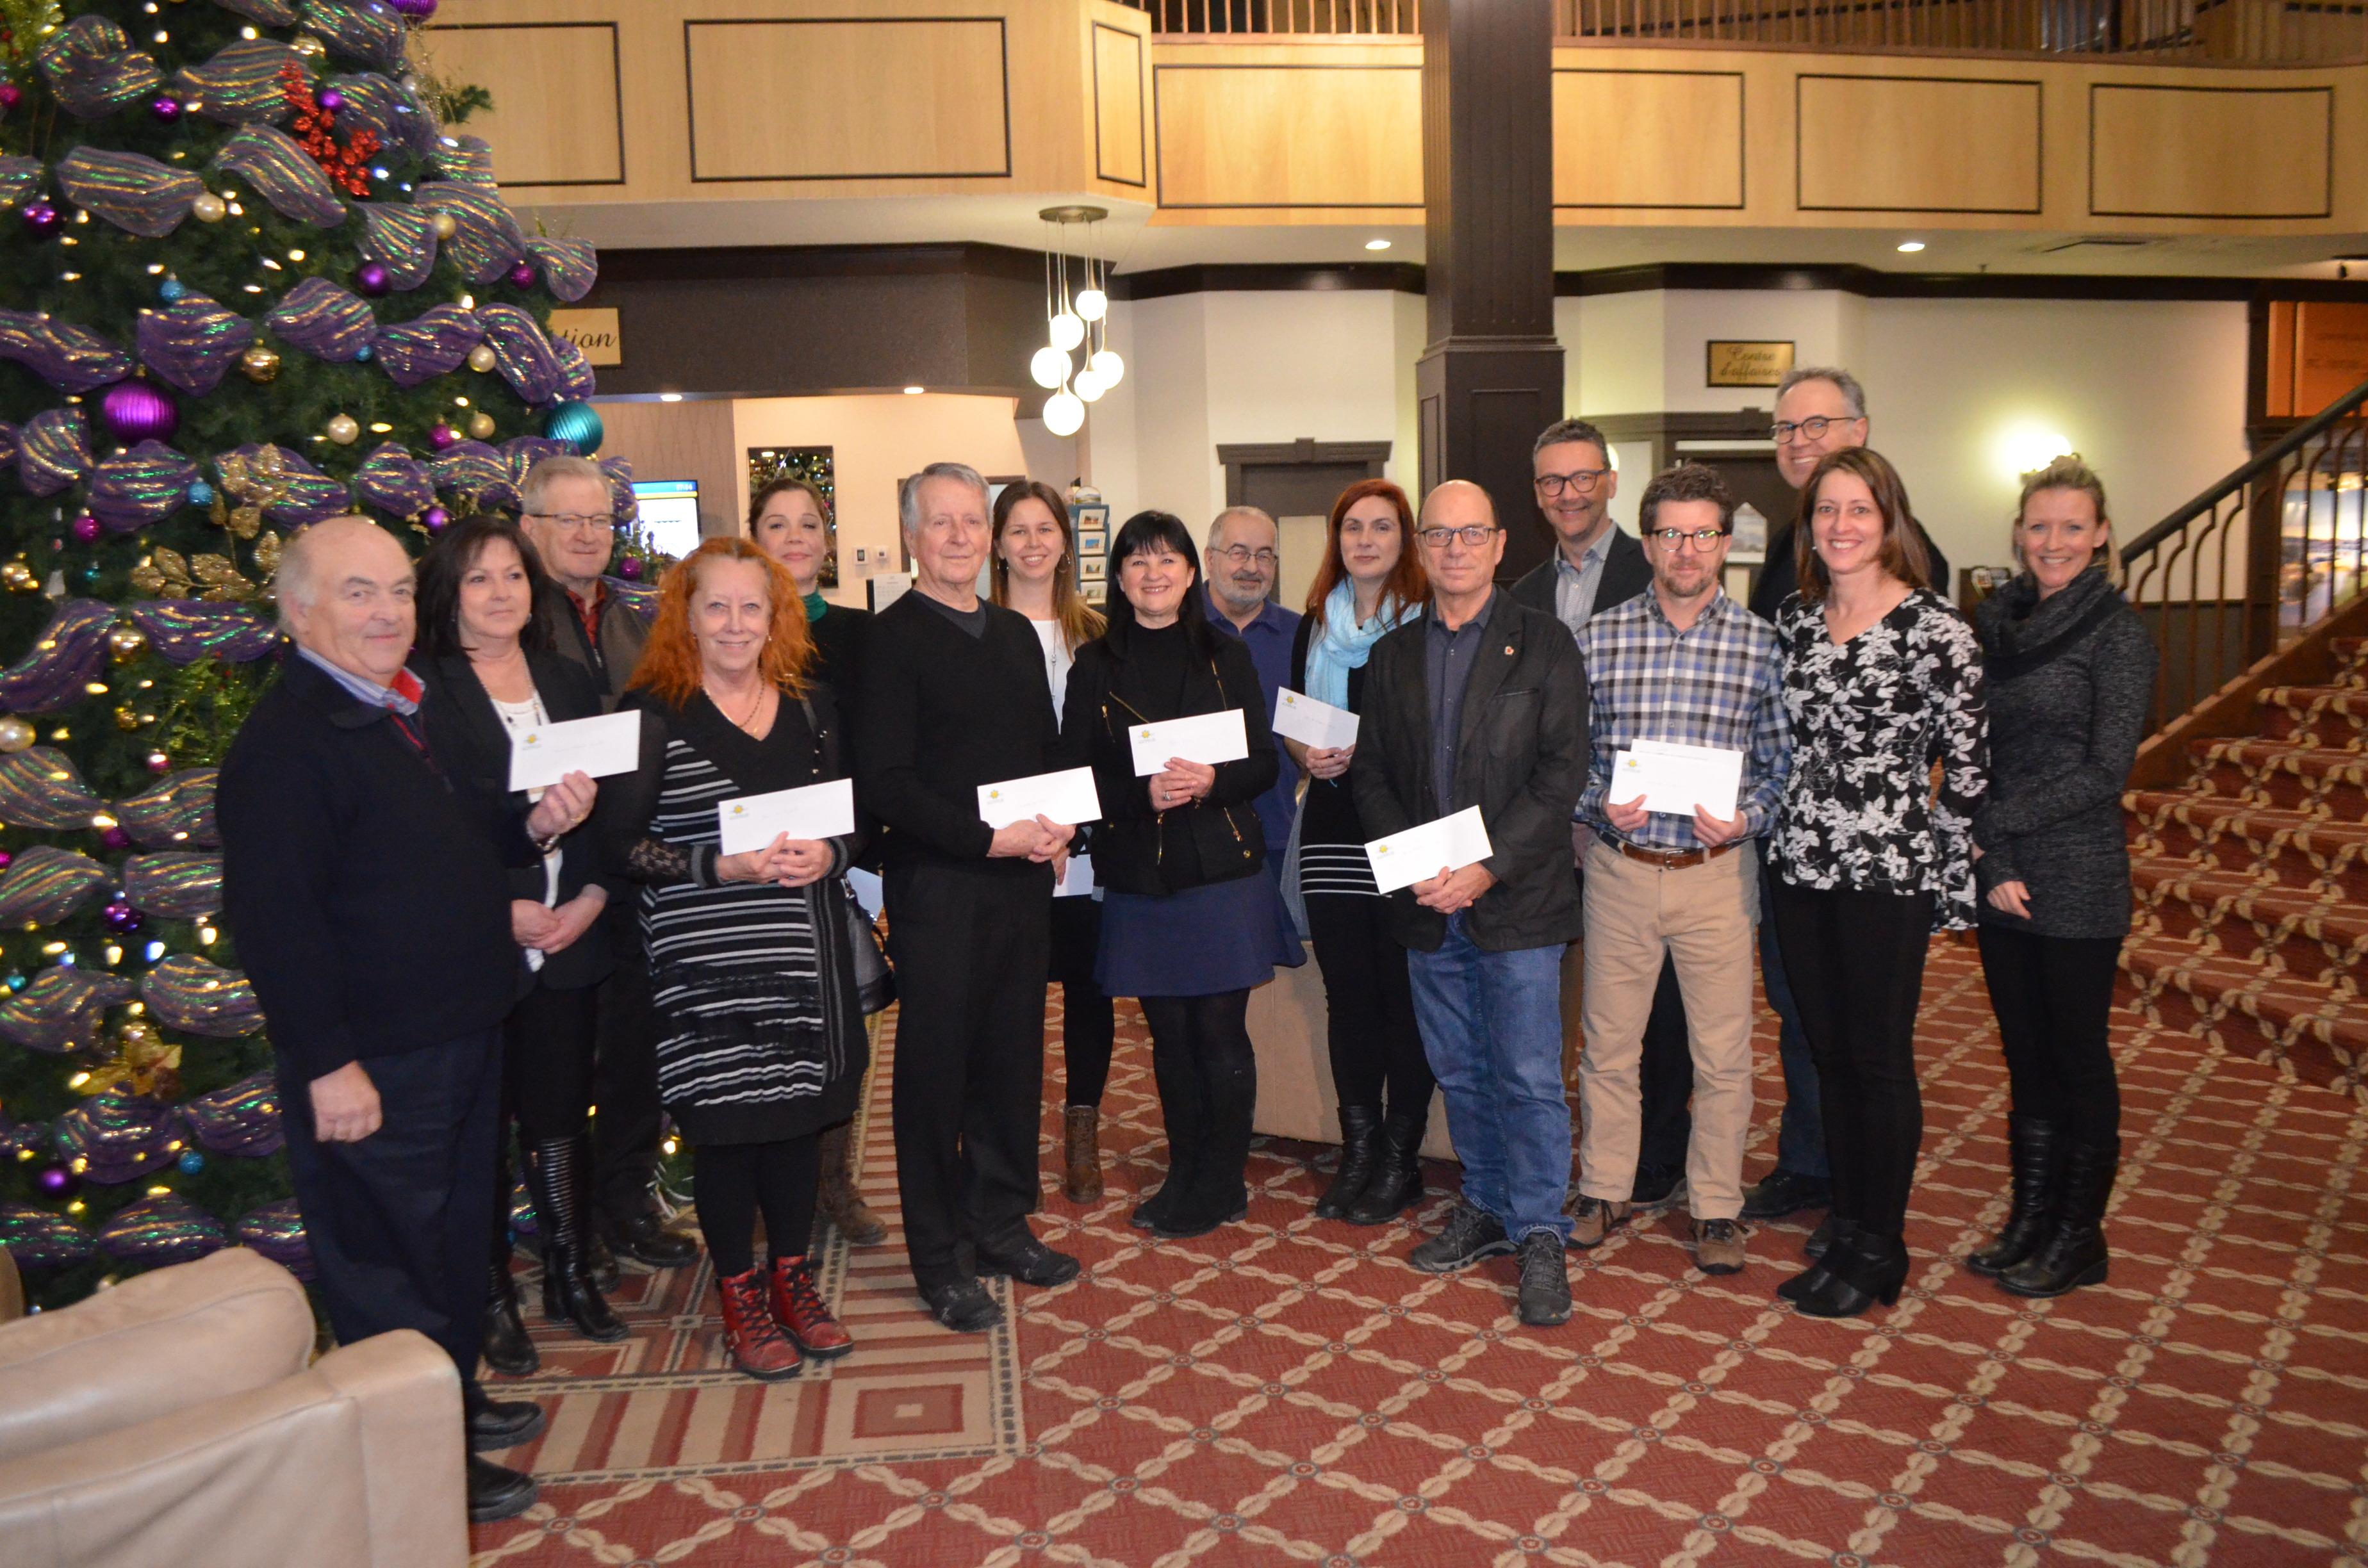 La remise annuelle de la Fondation des médias en présence des organismes bénéficiaires et des membres de la Fondation avait lieu le 10 décembre, à l'Hôtel Rimouski.